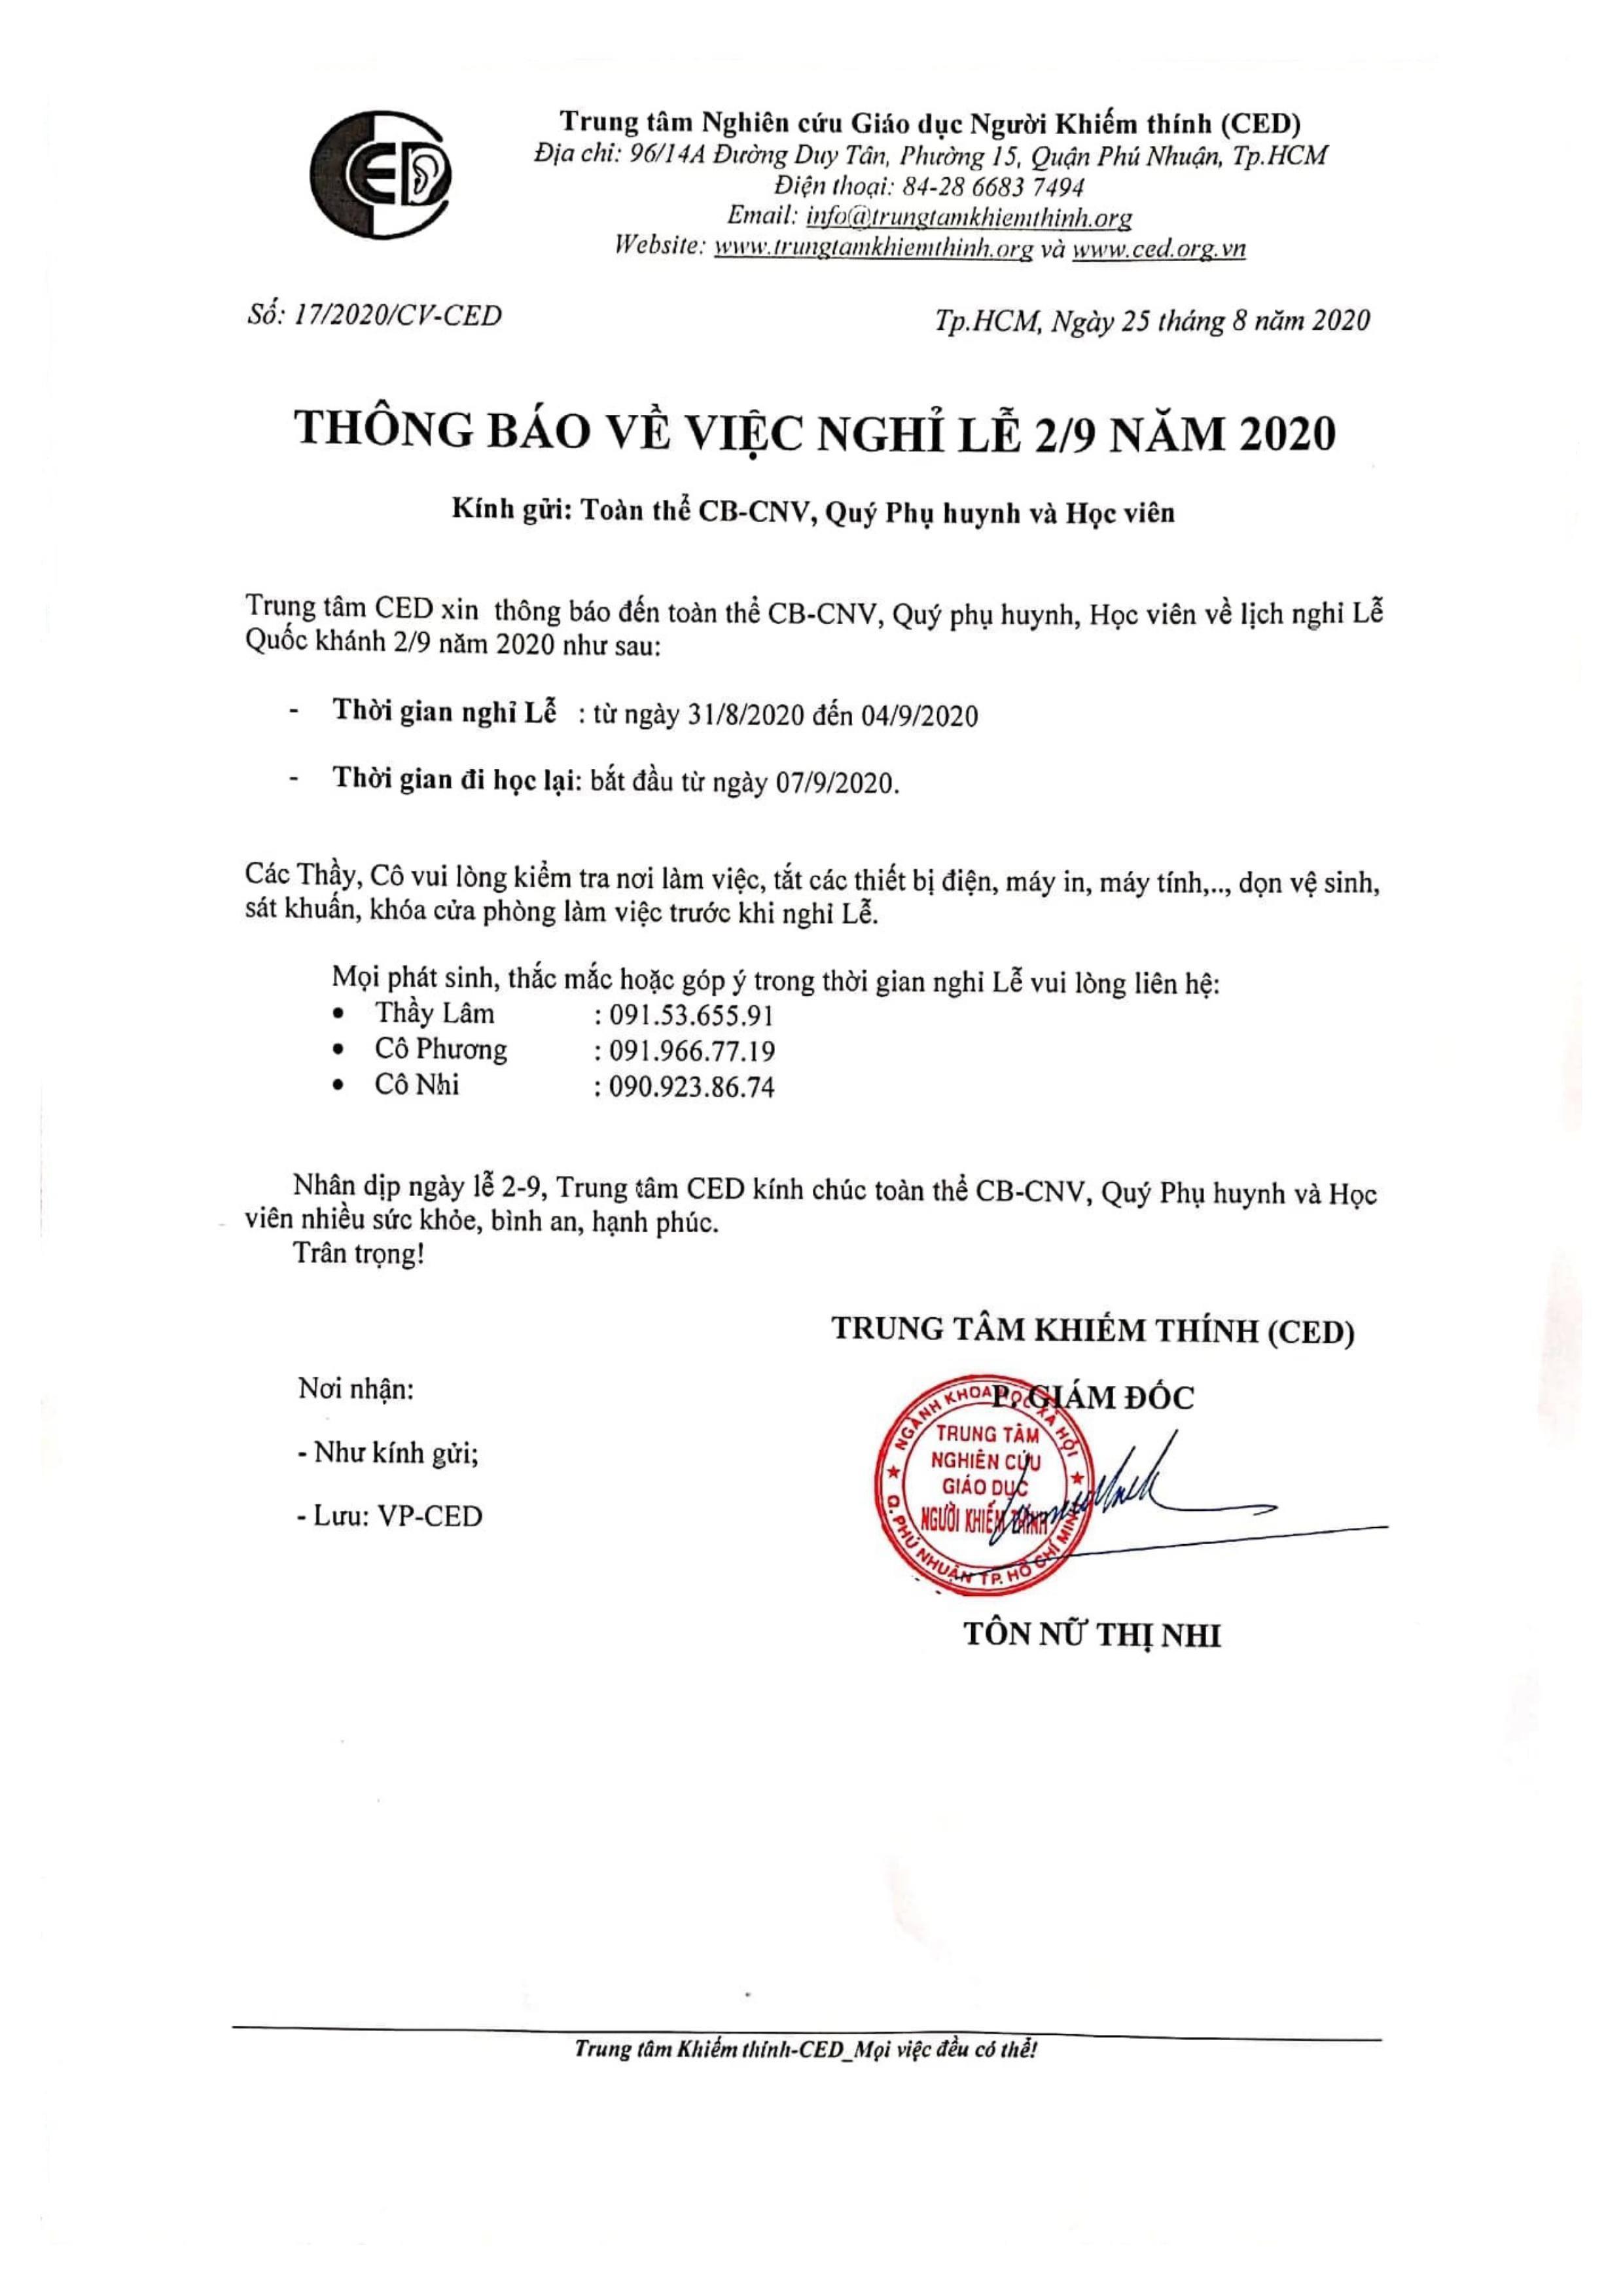 THÔNG BÁO NGHỈ LỄ QUỐC KHÁNH 2/9/2020